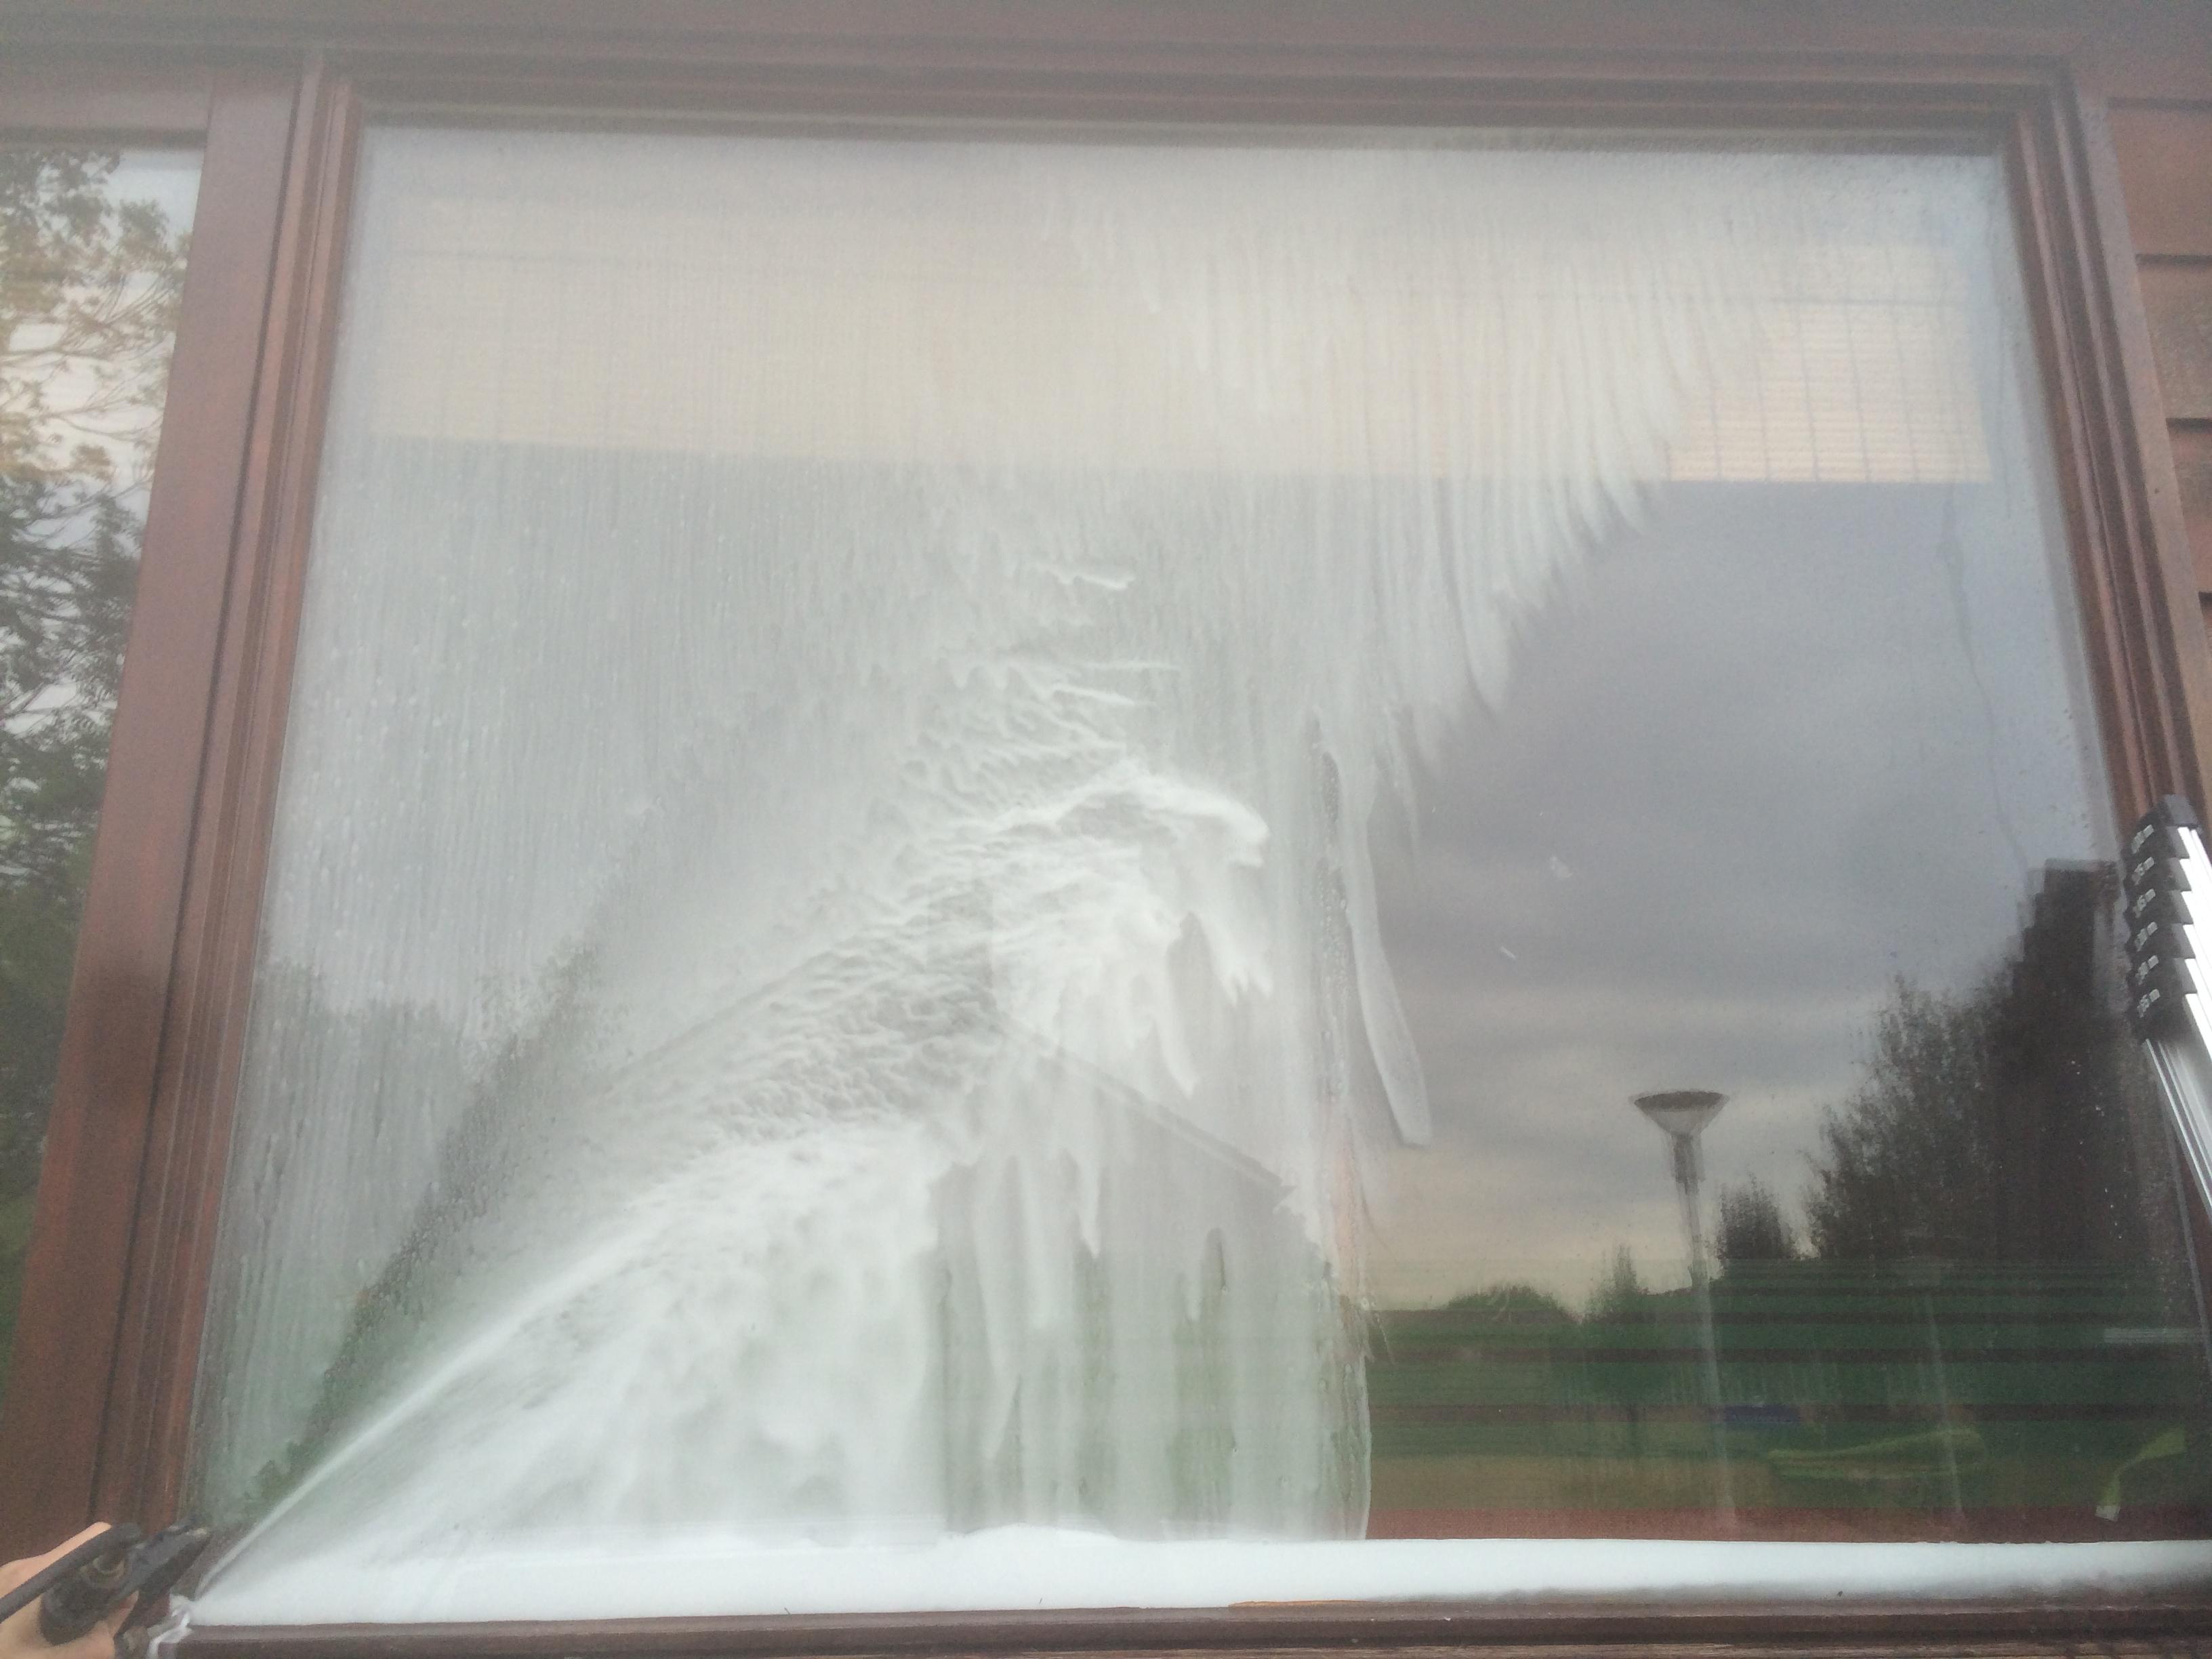 Top Referenties condens uit het raam verwijderen van isolatieglas. SR52